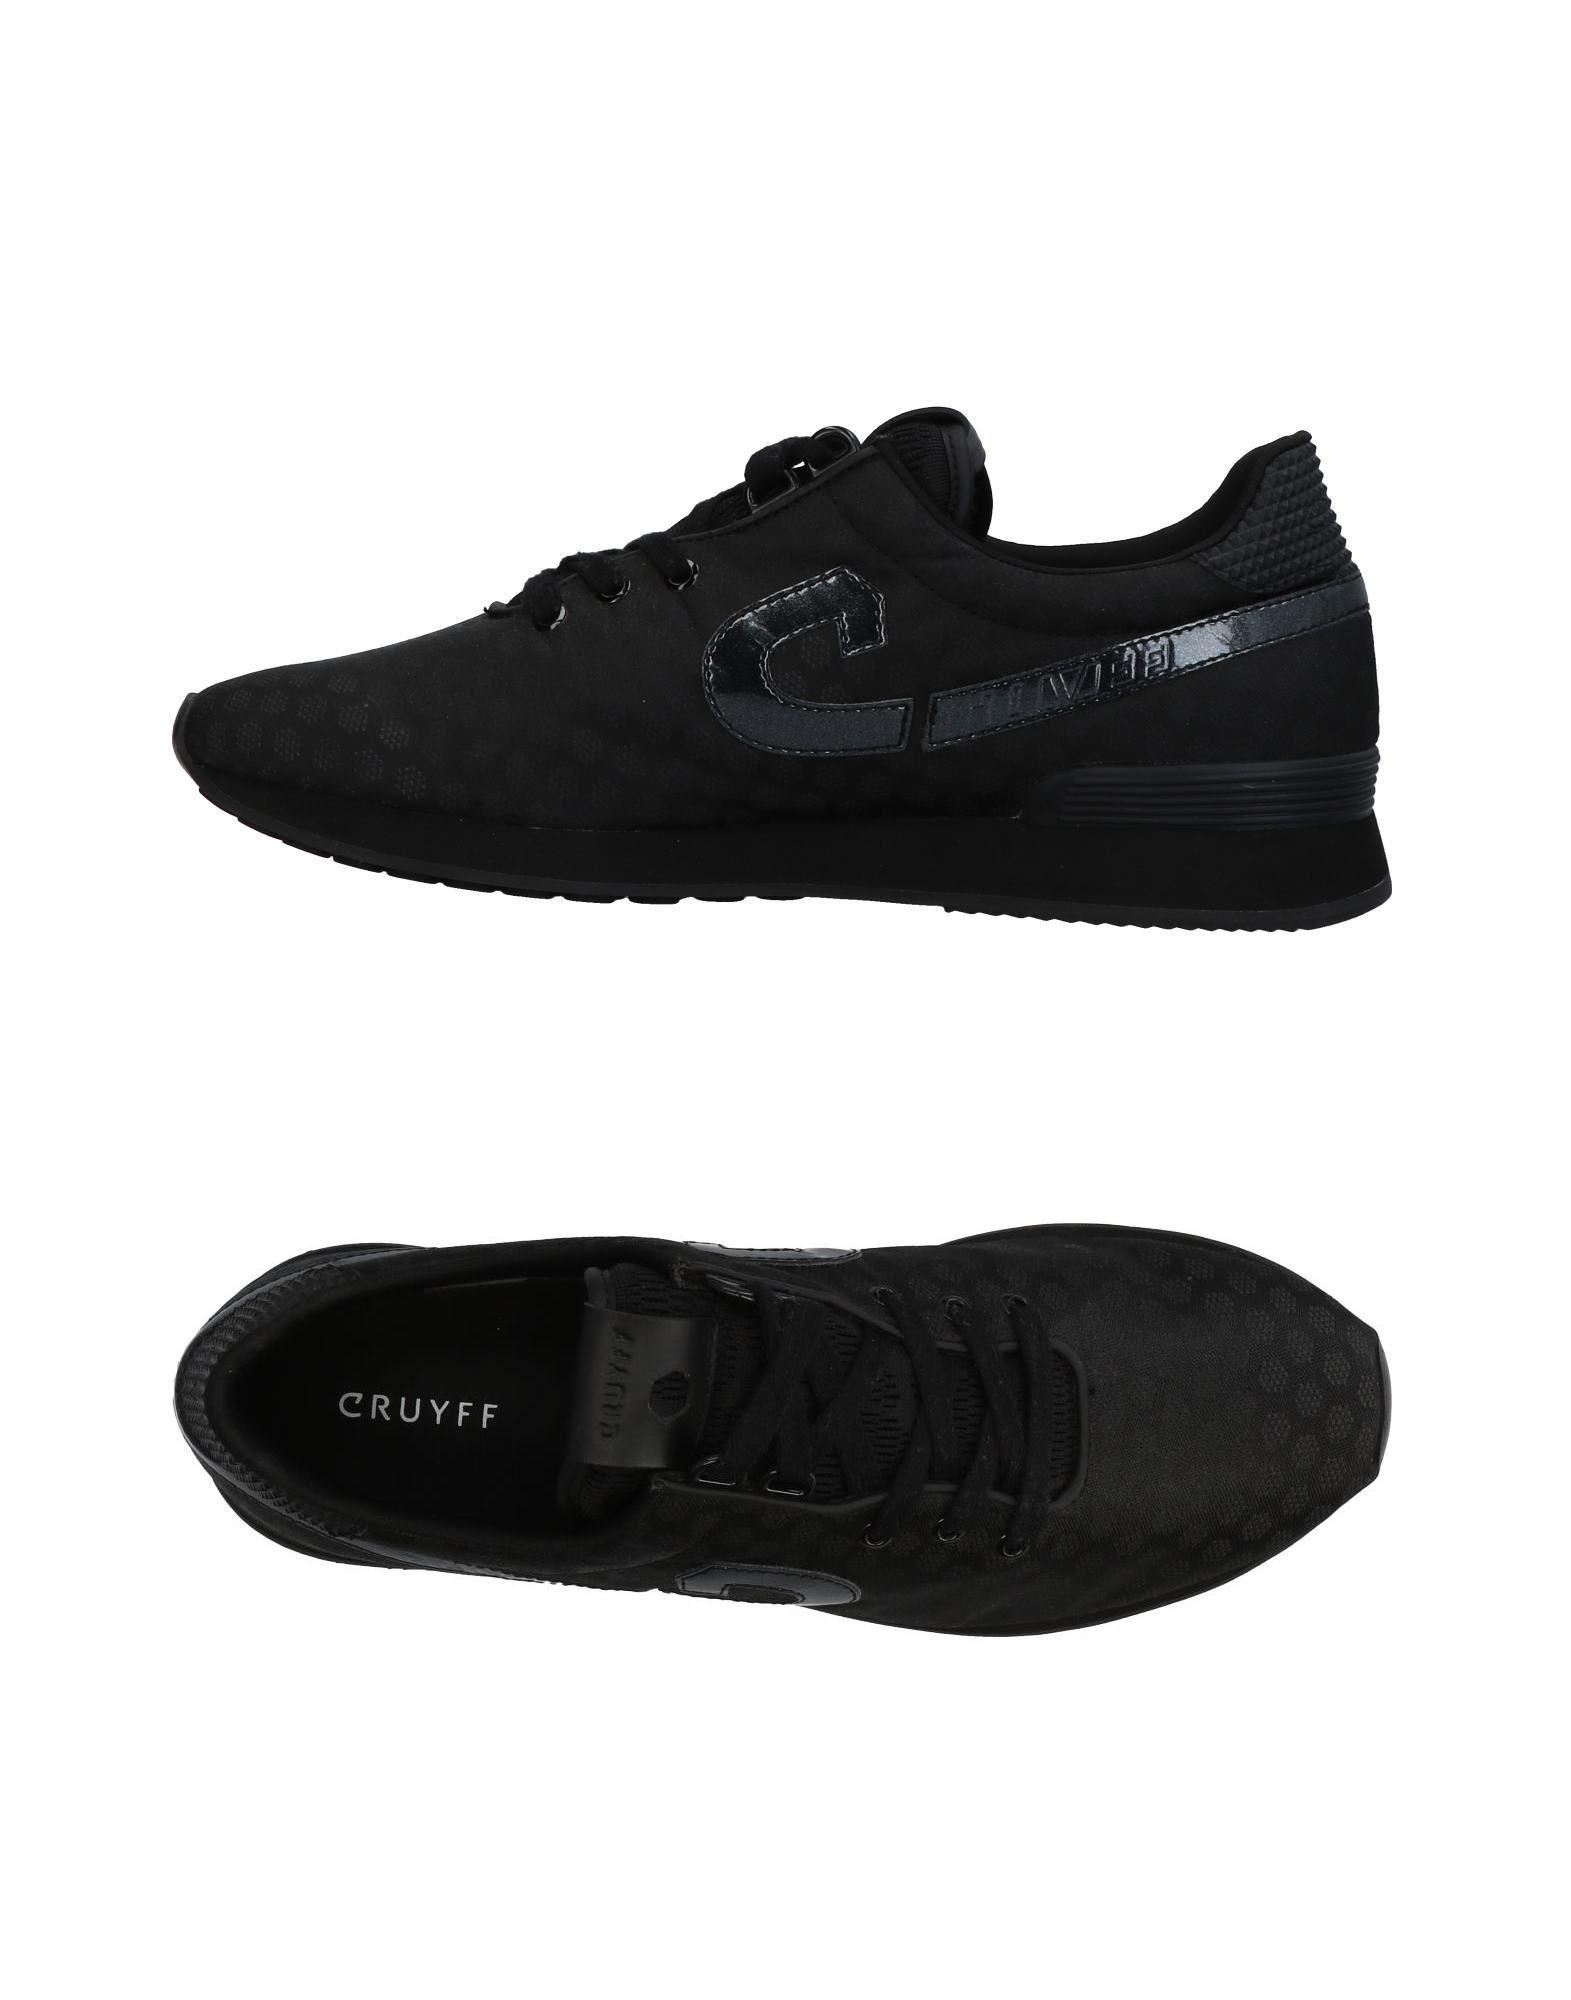 CRUYFF Низкие кеды и кроссовки pierre hardy низкие кеды и кроссовки